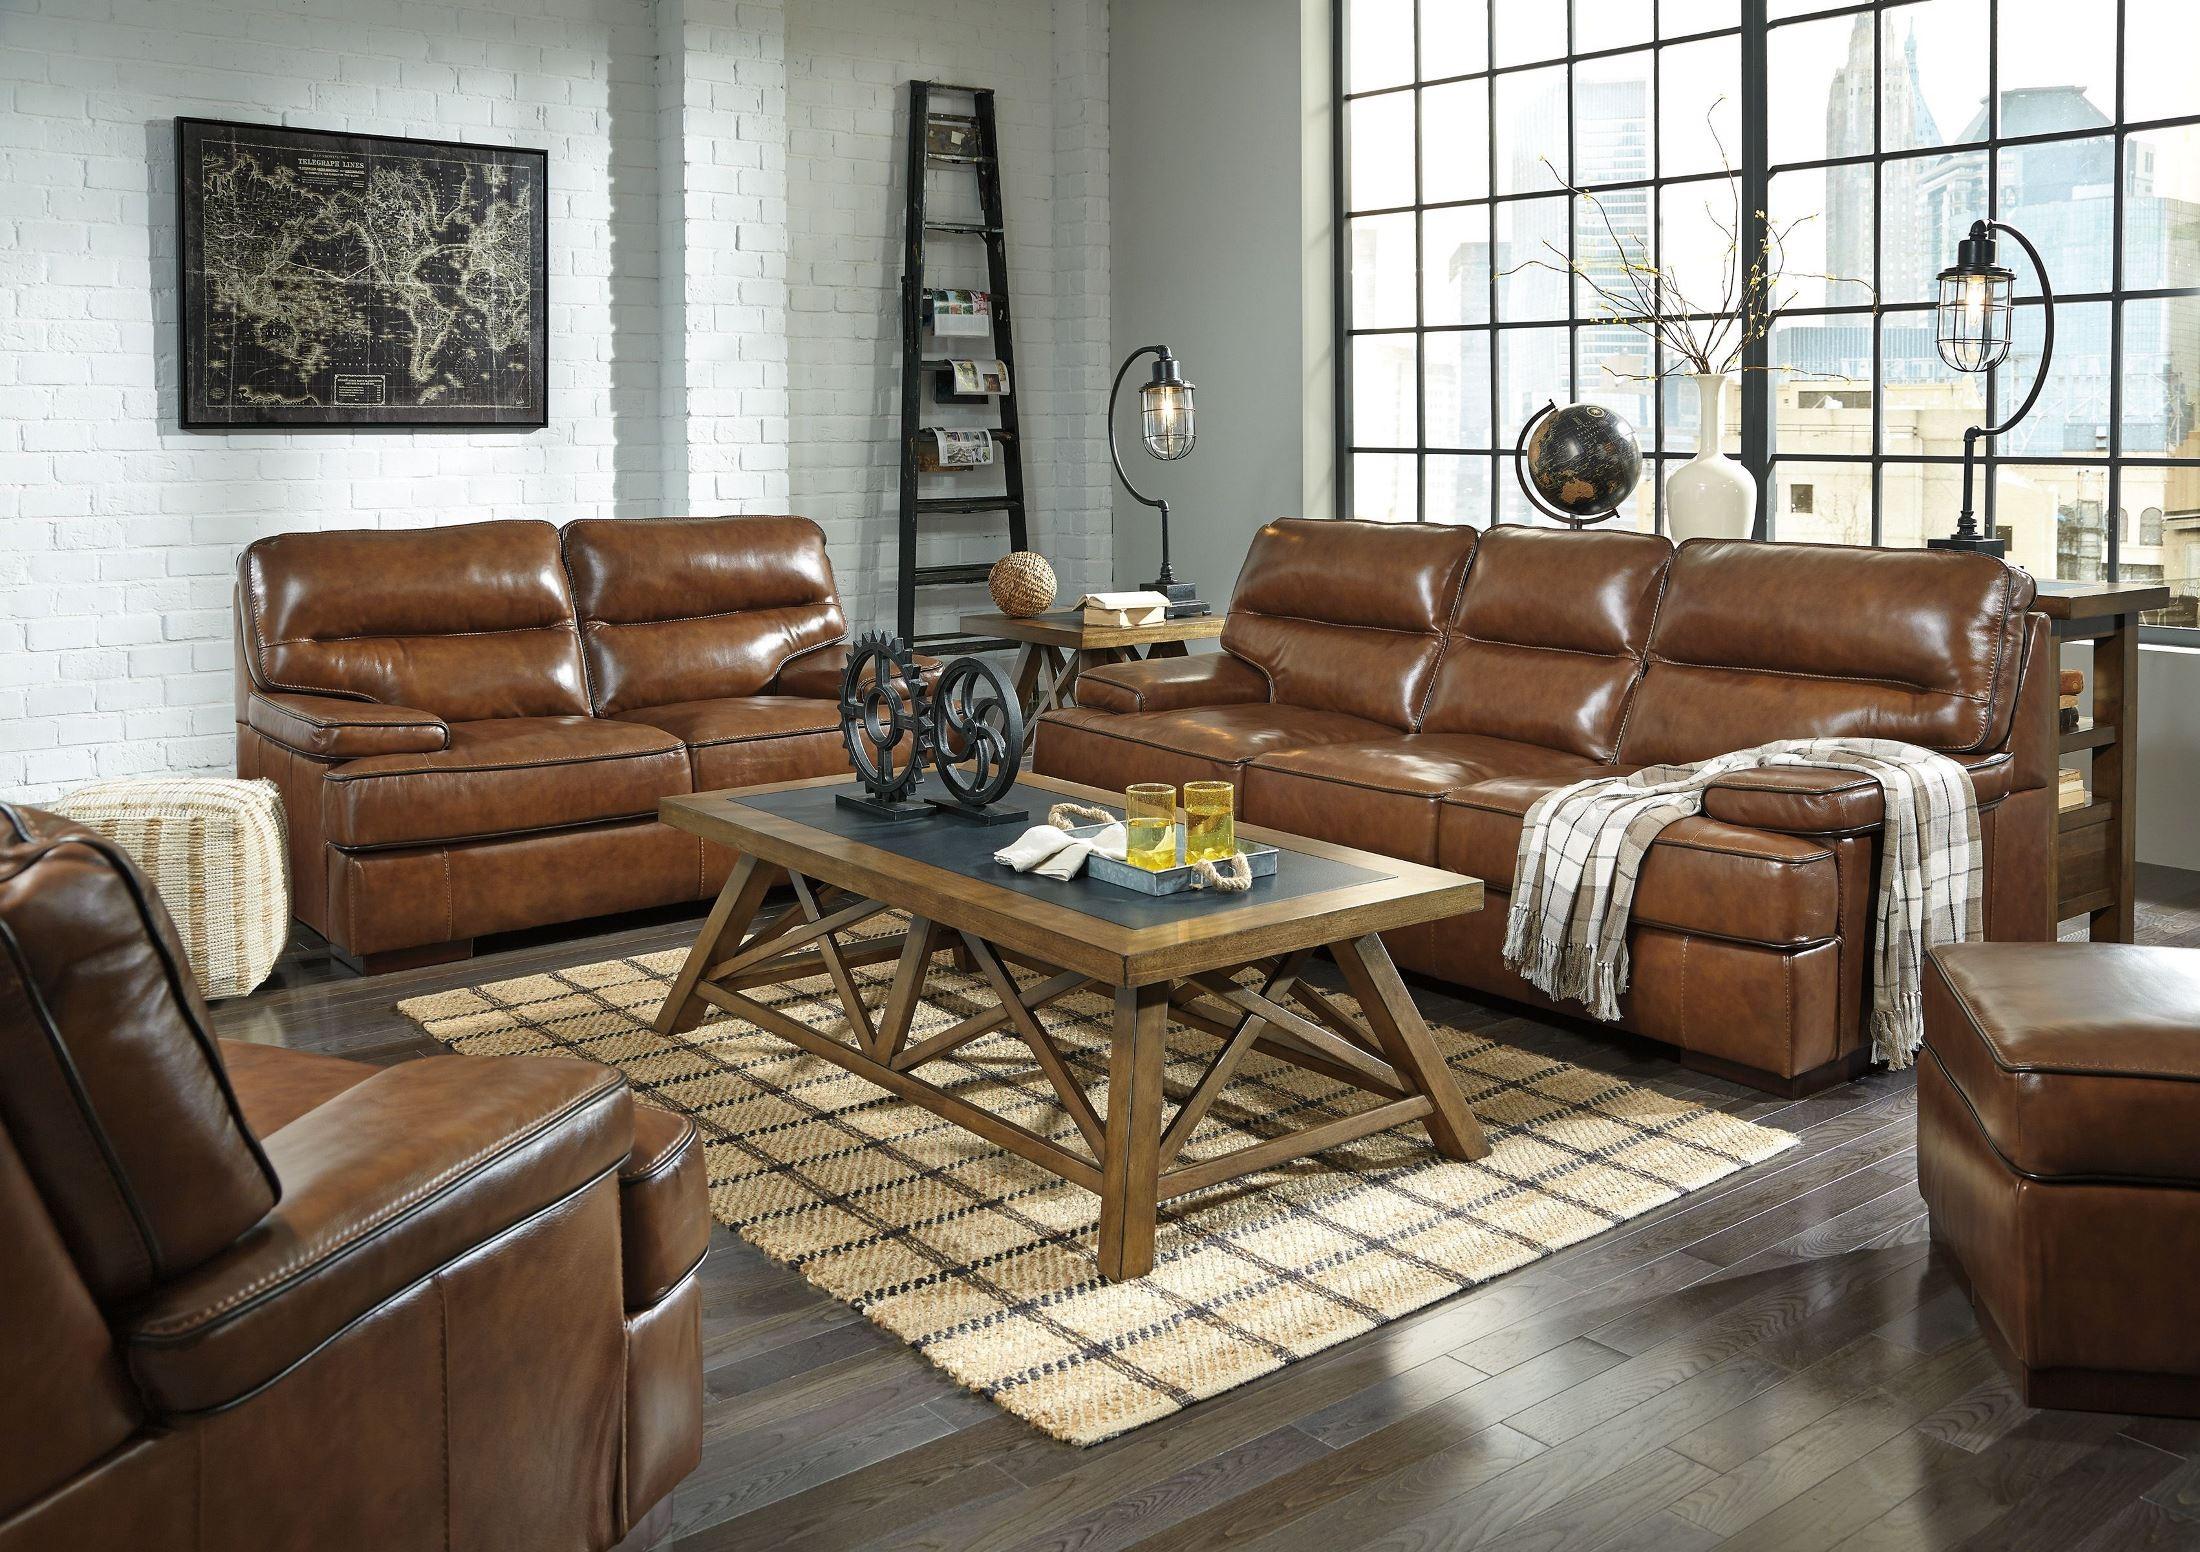 Palner Topaz Living Room Set From Ashley Coleman Furniture